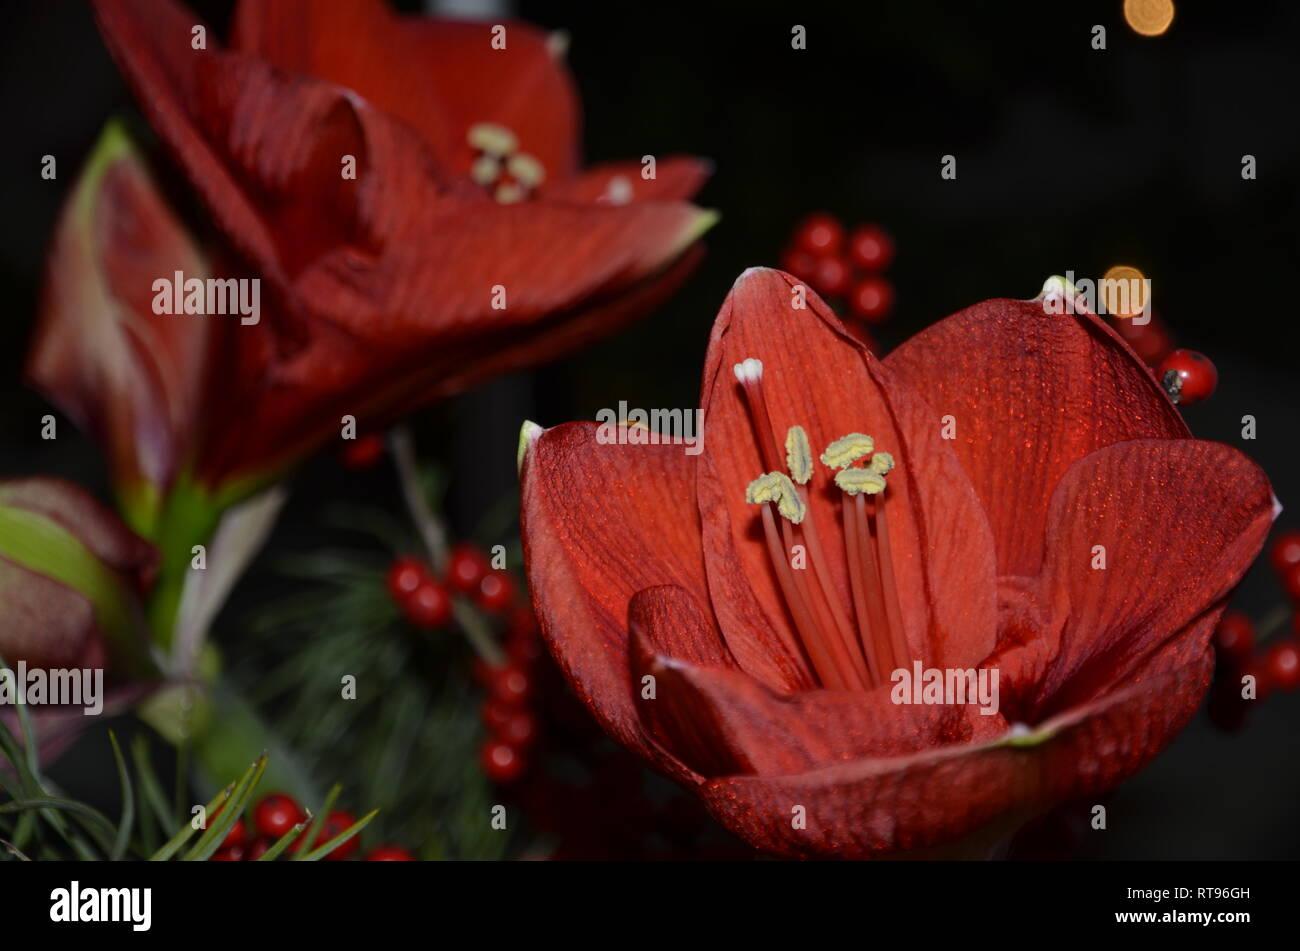 Amaryllis - Stock Image